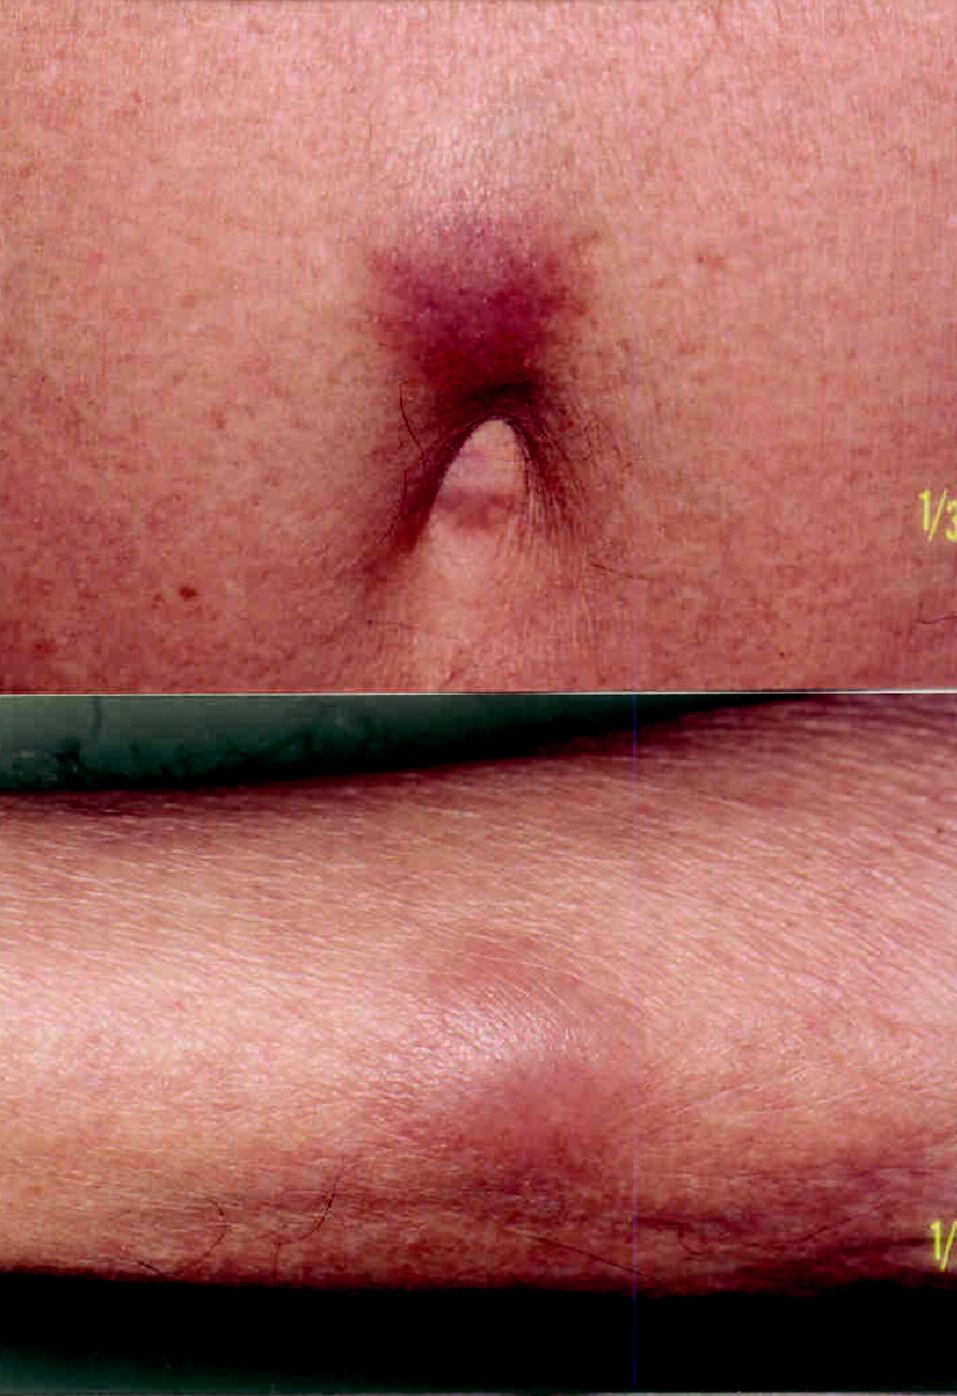 Nález podkožných uzlov pri pupku a na zadnej strane pravého predlaktia v januári 2007 pred zahájením chemoterapie.